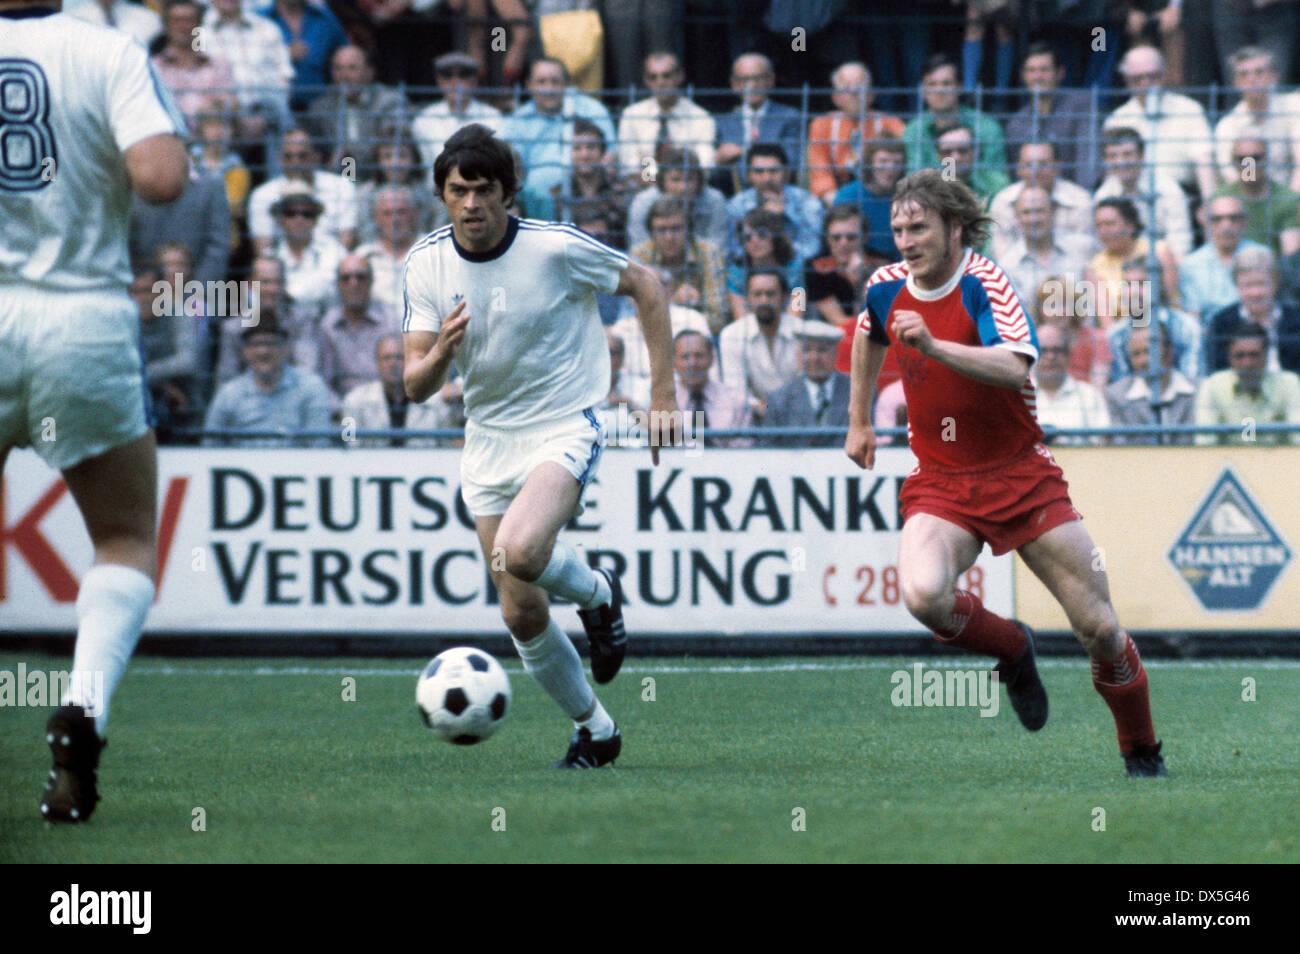 football, 2. Bundesliga Nord, 2. Bundesliga Sued, 1974/1975, relegation match to Bundesliga 1975/1976, return leg, Grotenburg Stadium in Krefeld, FC Bayer 05 Uerdingen versus FK Pirmasens 6:0, scene of the match, Peter Falter (Uerdingen) right and a oppos - Stock Image